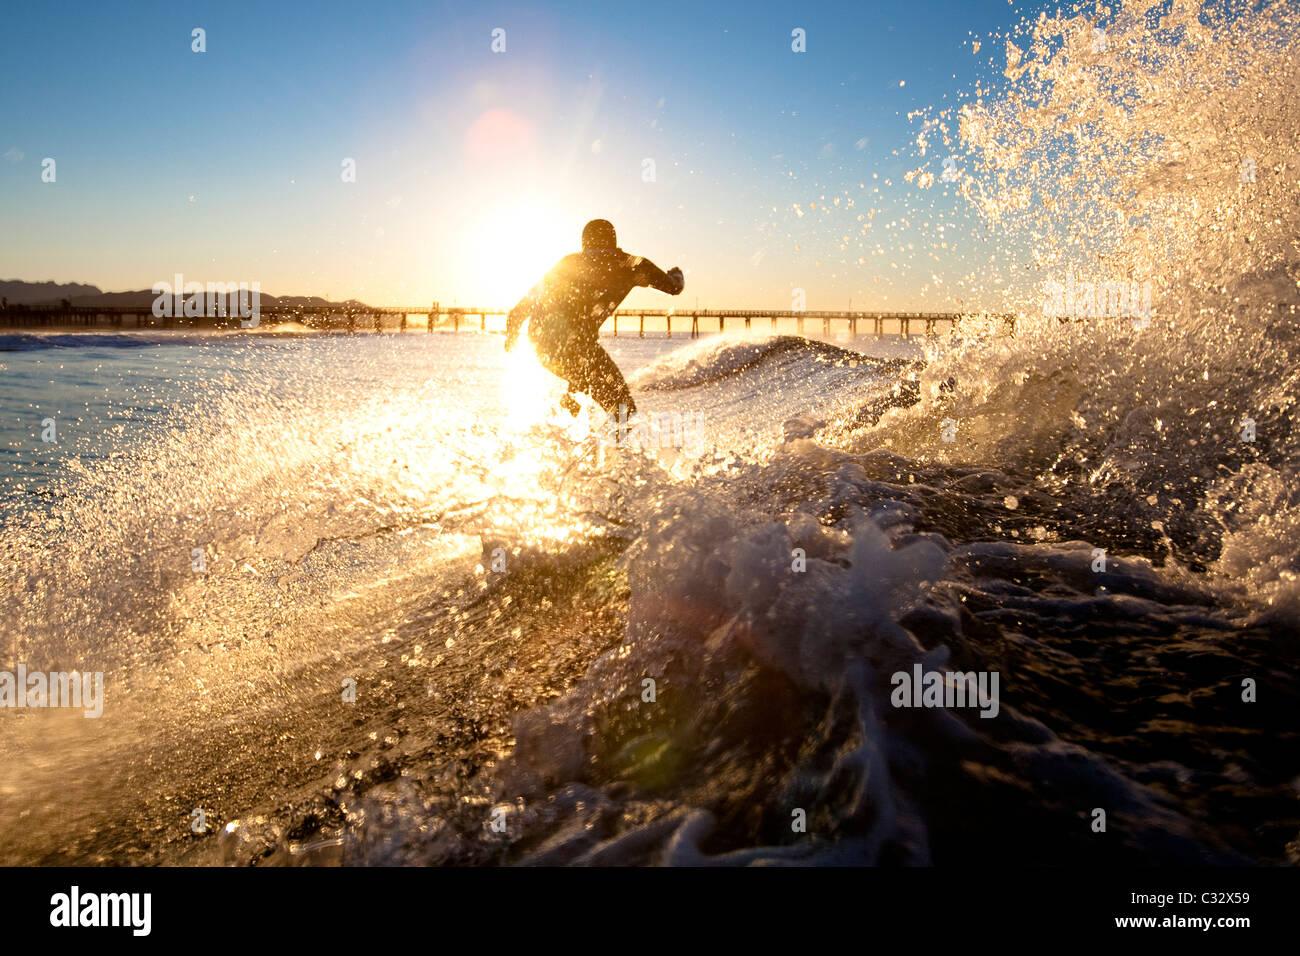 Eine Surfer richtet für eine Luft während der Fahrt einer Welle an Port Hueneme Strand in der Stadt Port Stockbild